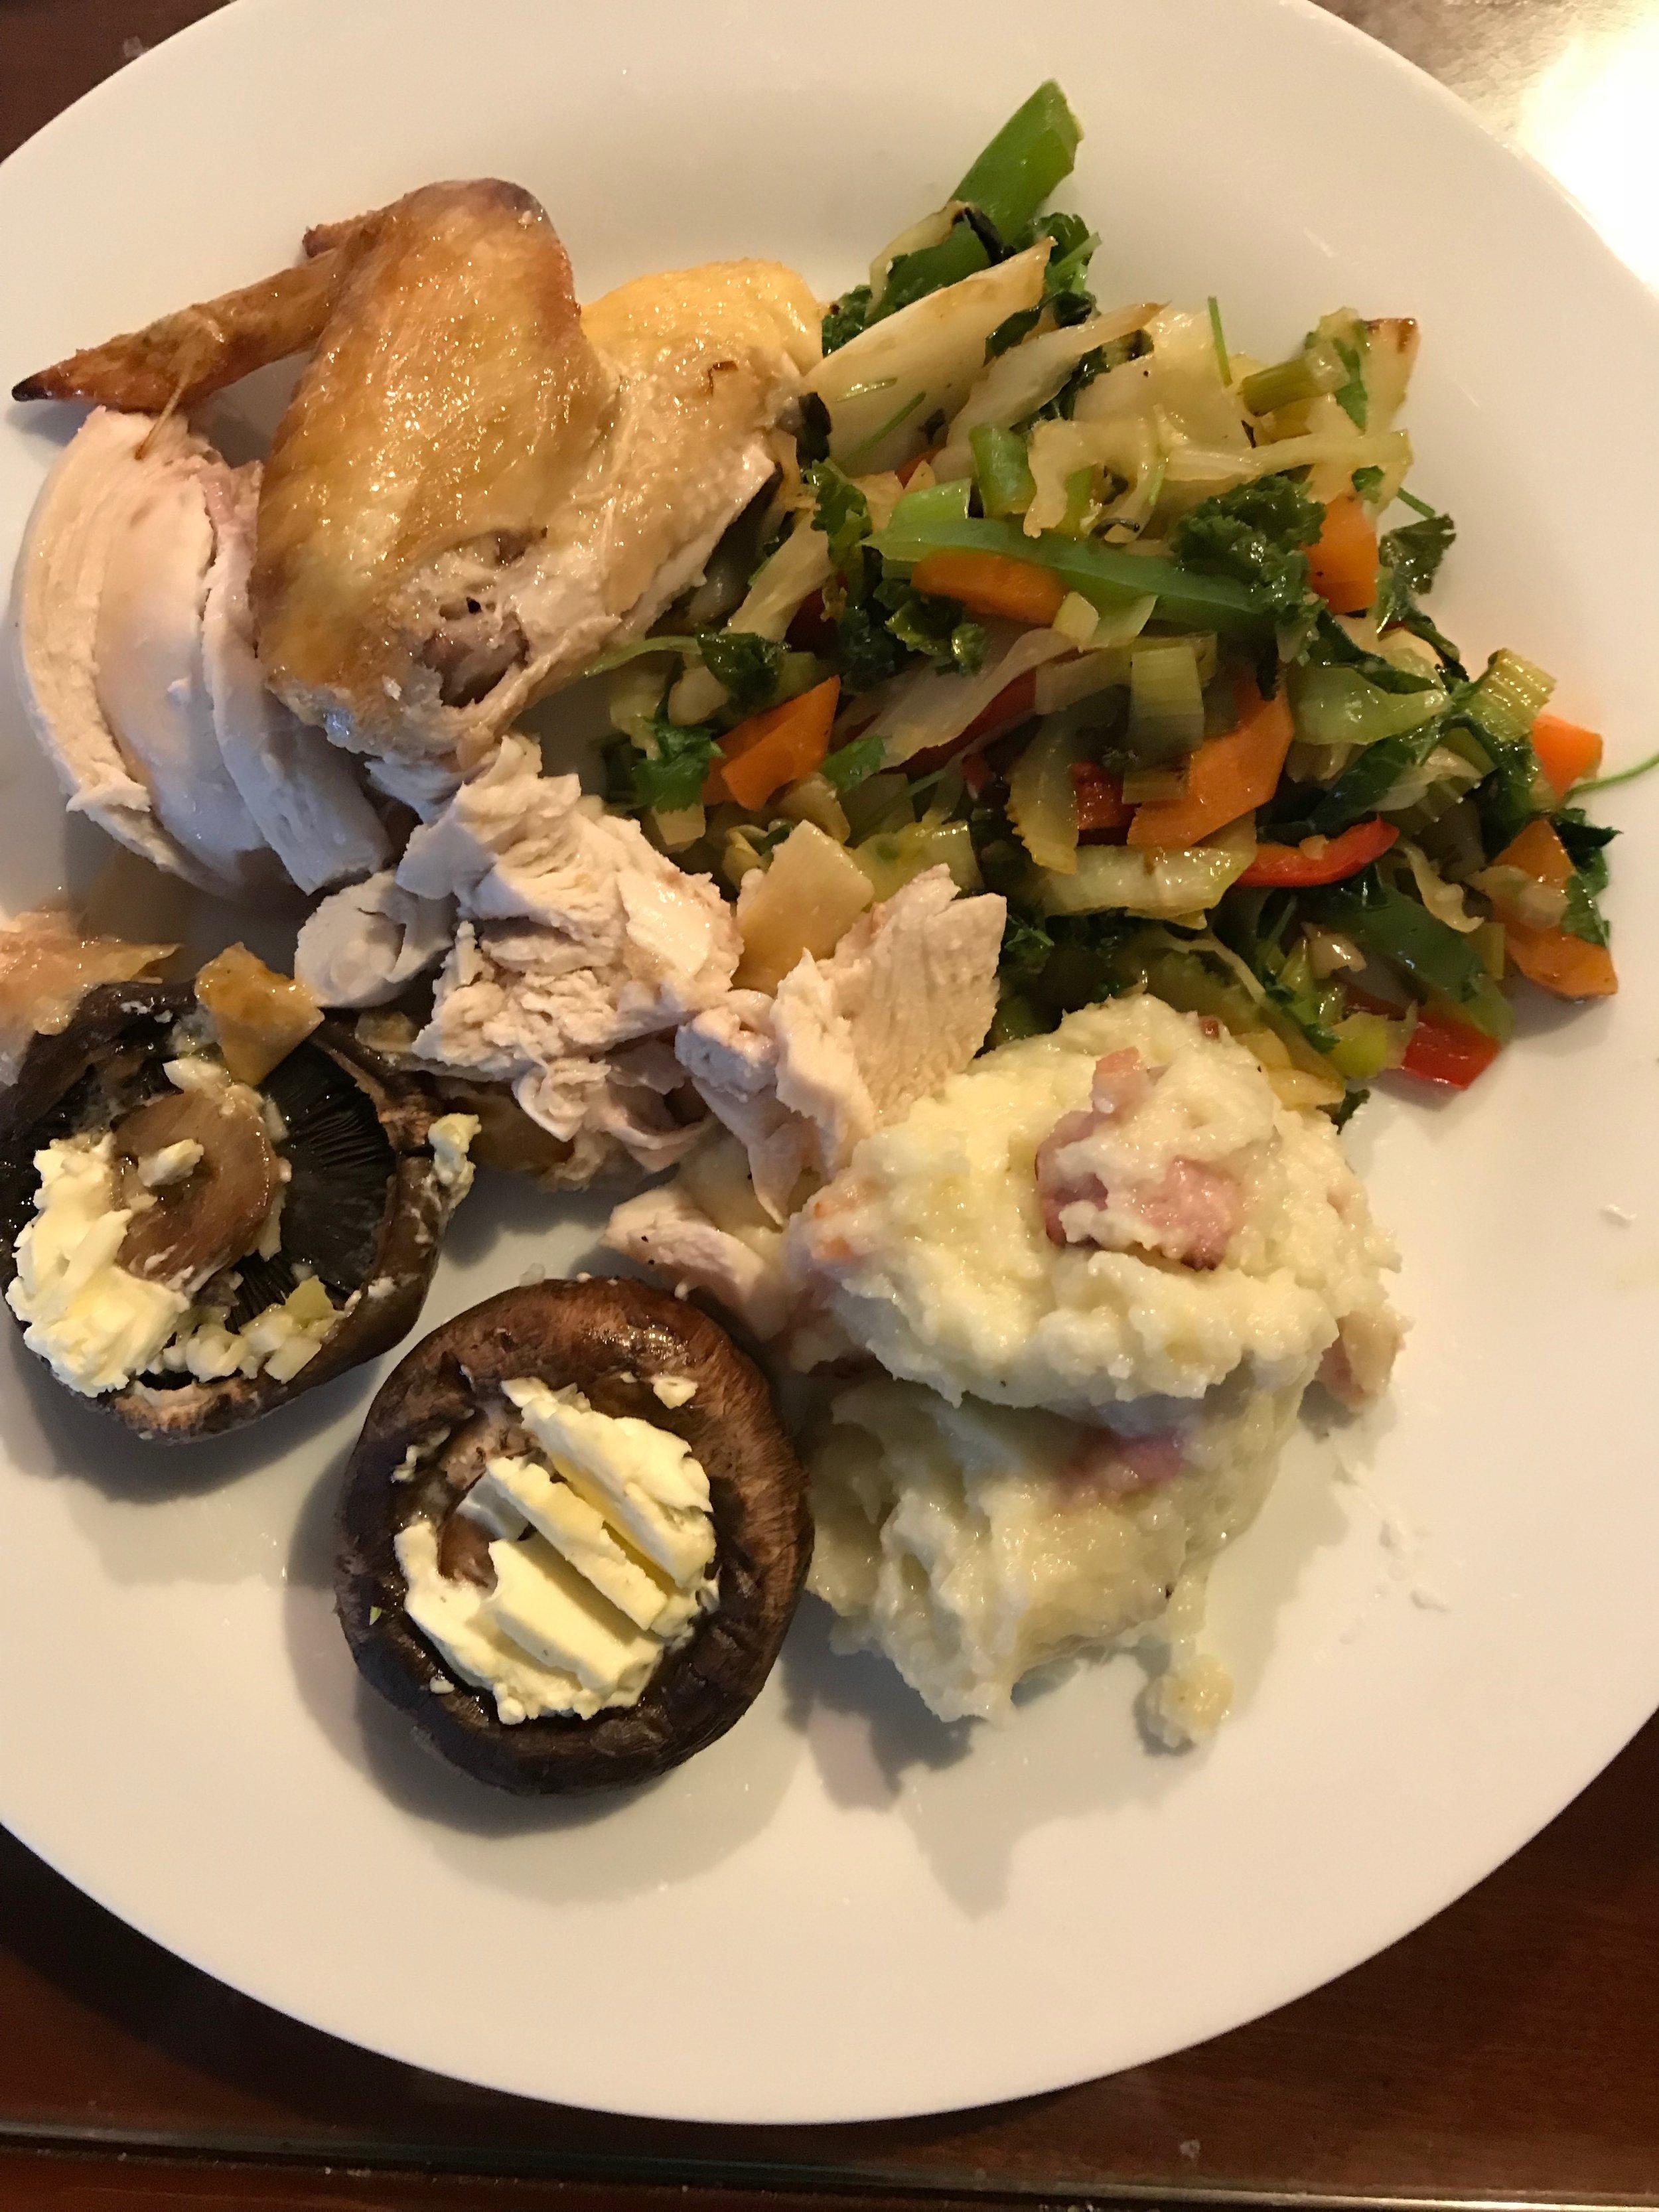 Chicken, stir fry, cauliflower mash and garlic mushrooms.